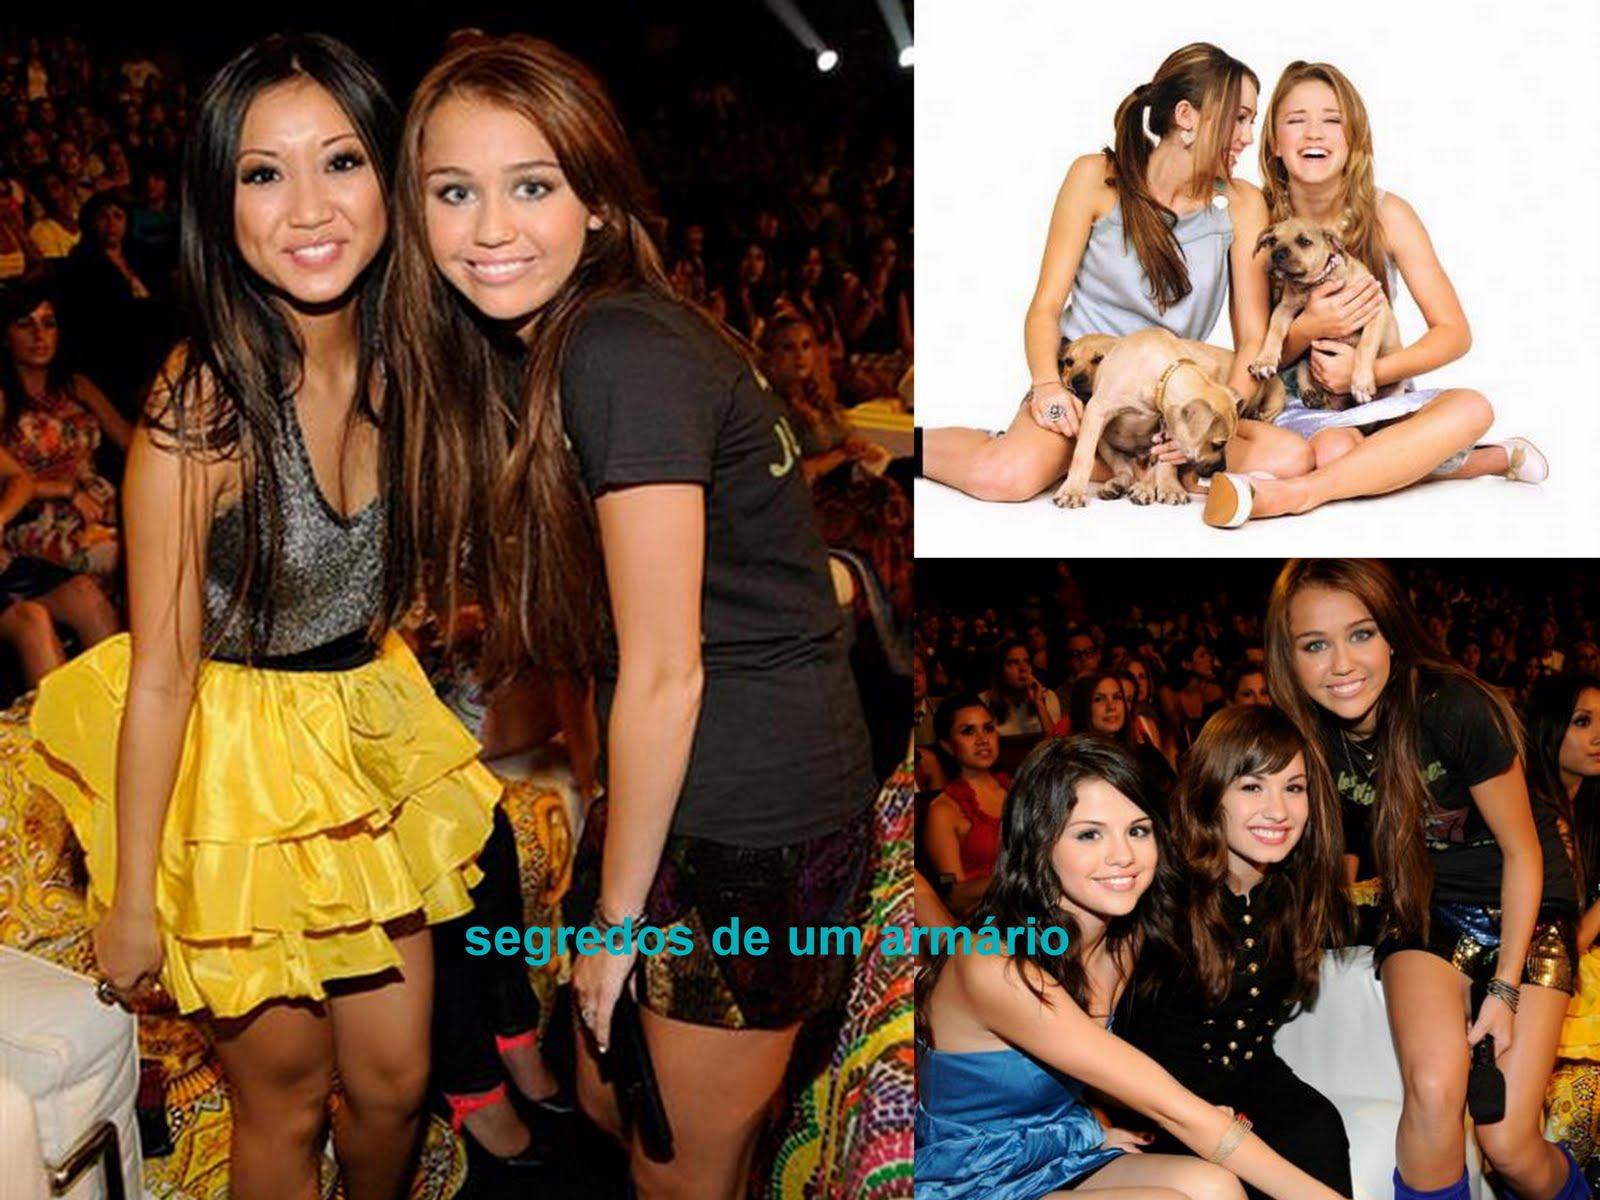 http://4.bp.blogspot.com/-beW58nUBnXY/TlmZMTitLXI/AAAAAAAAANc/qnAwUpd6C6c/s1600/amigos+famosos2.jpg